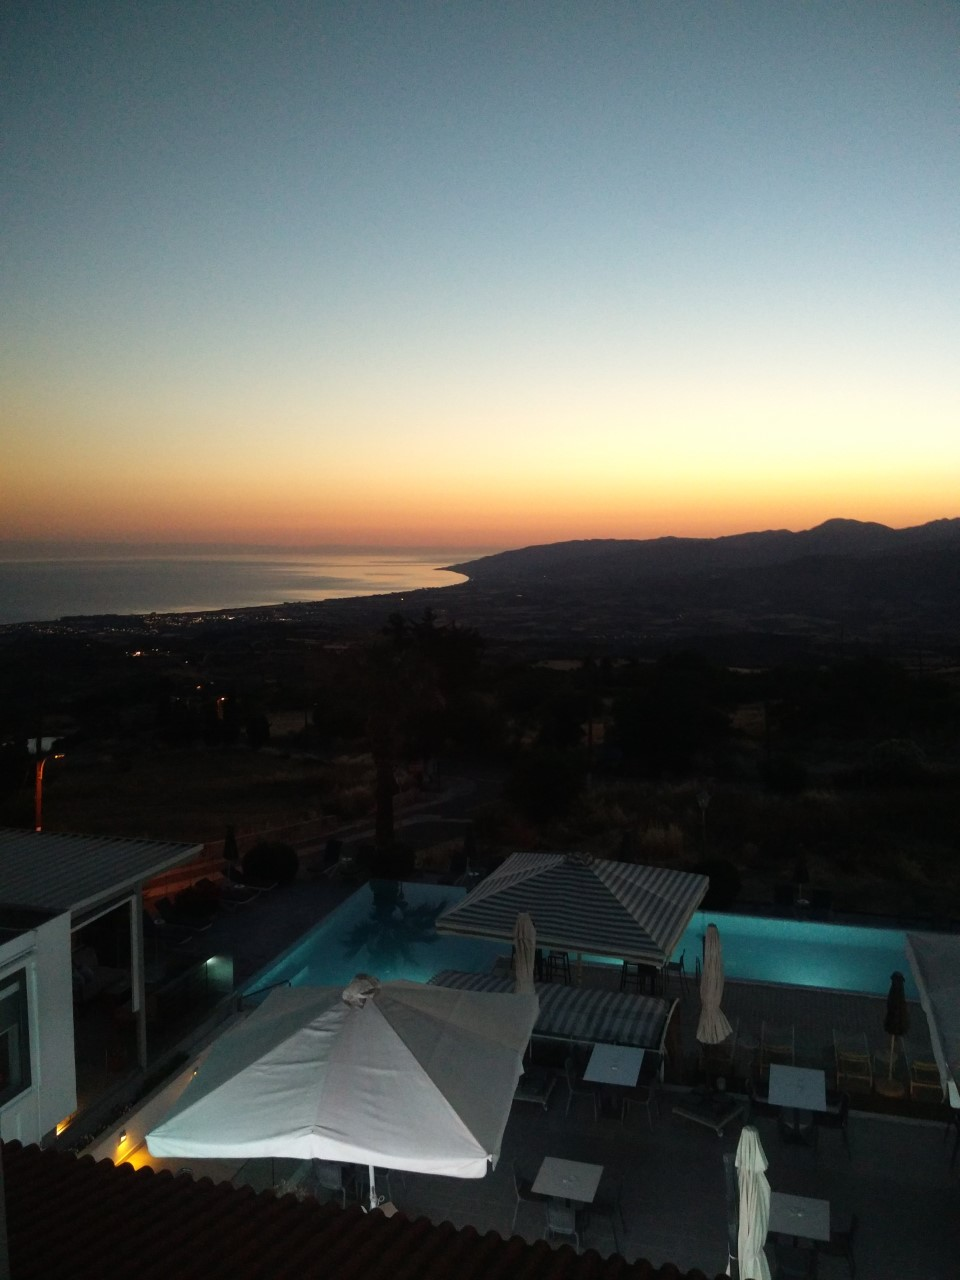 (Φωτογραφία: Θέα από το μπαλκόνι του ξενοδοχείου)